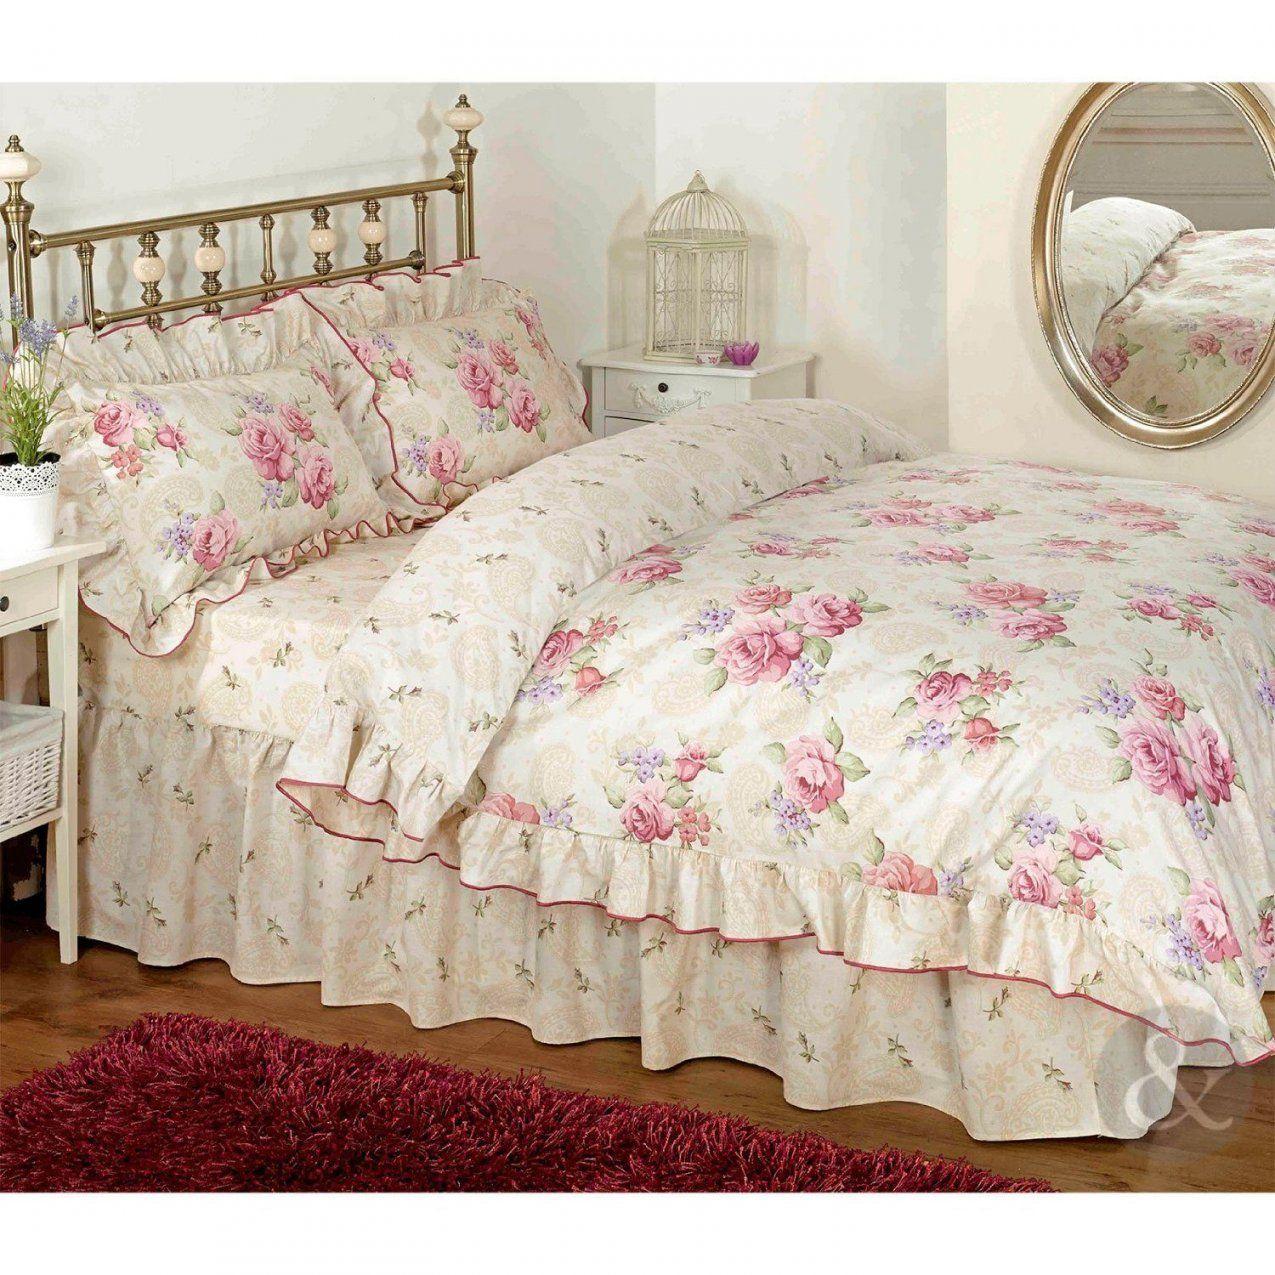 Vintage Floral Rüschen Bettwäsche Creme Beige Rosa Bettwäsche Set von Bettwäsche Shabby Chic Photo